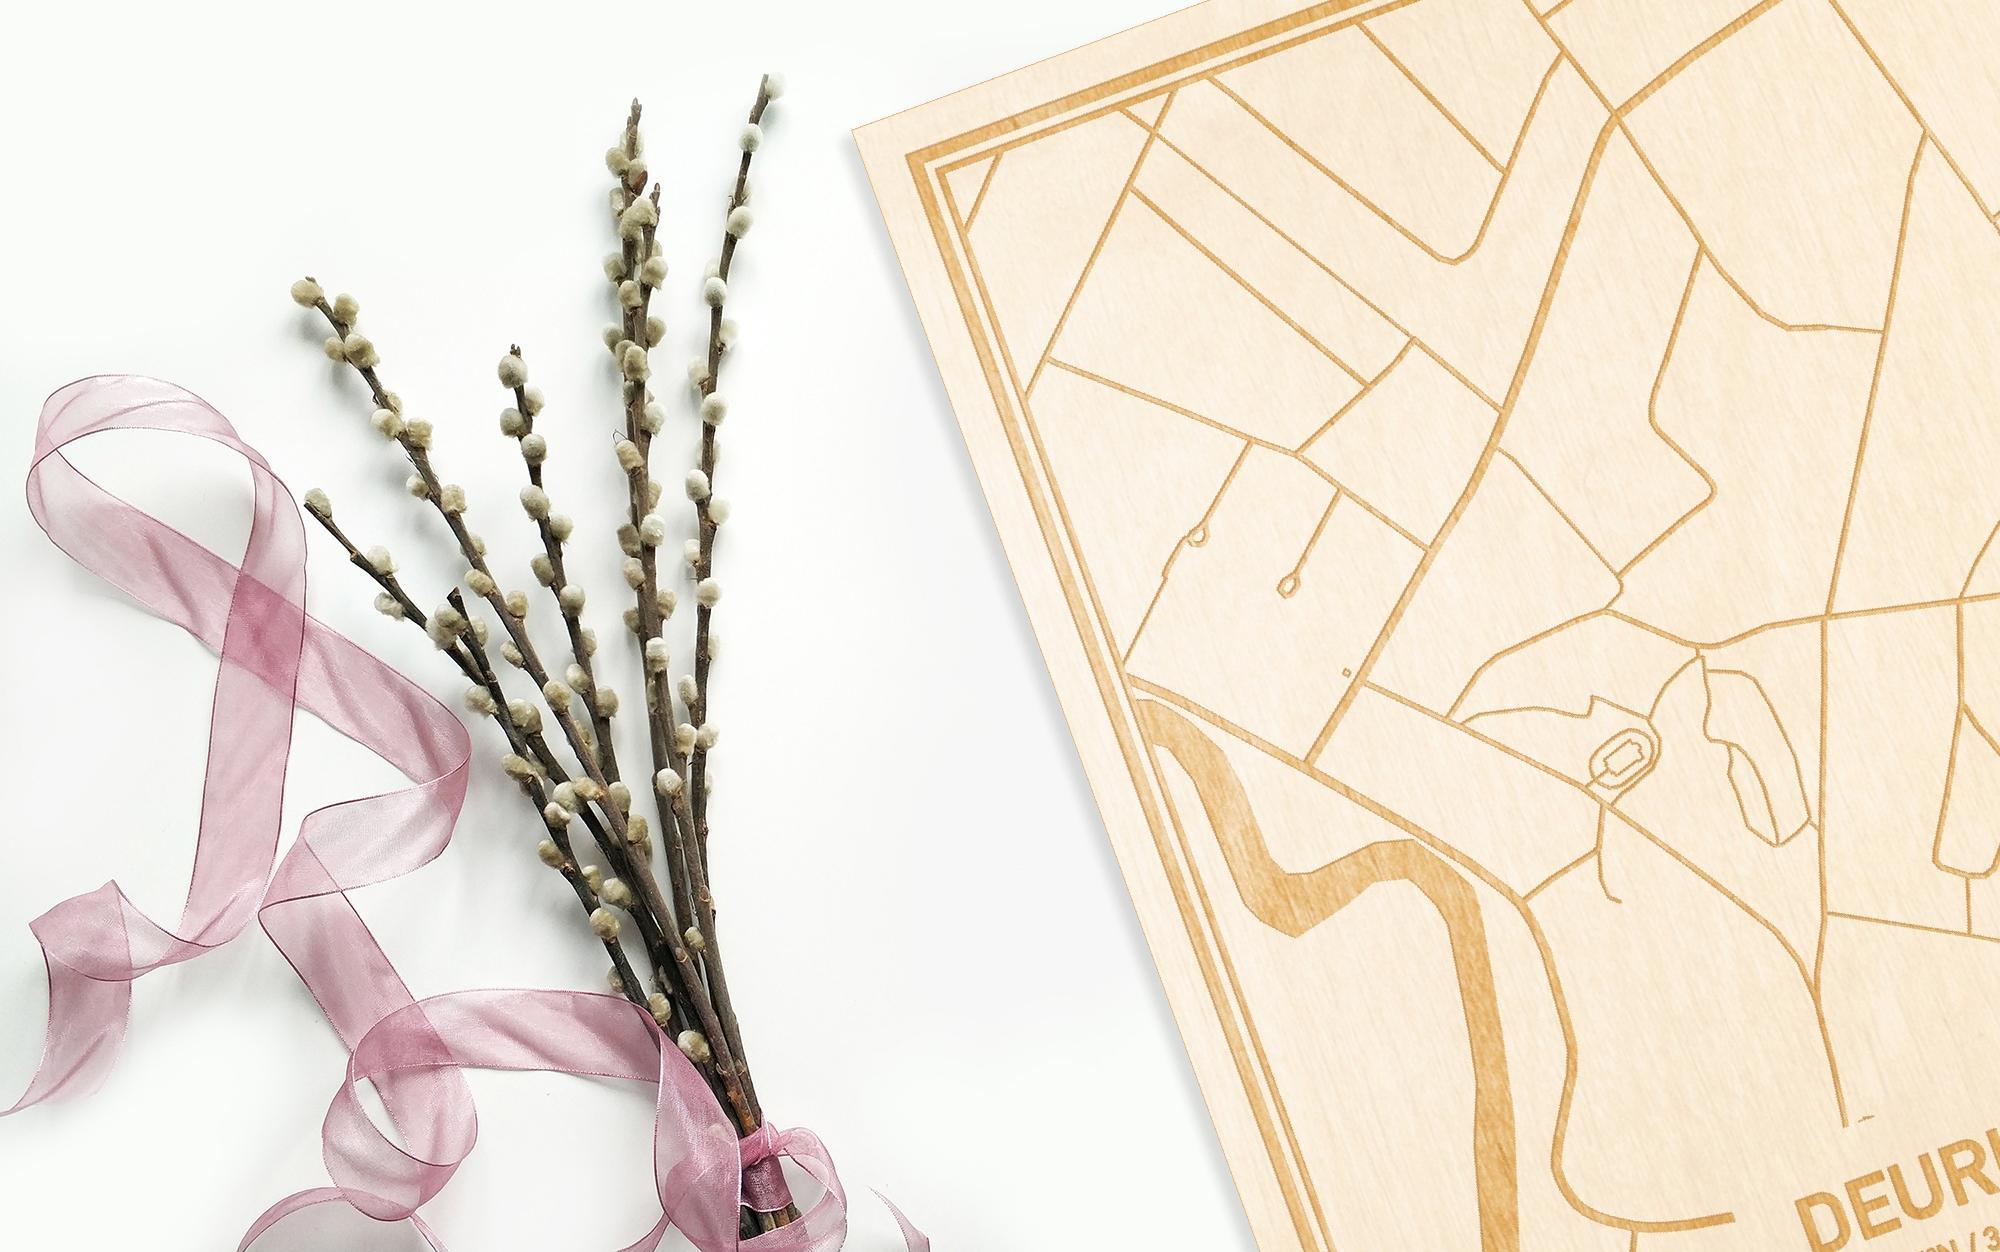 Hier ligt de houten plattegrond Deurle naast een bloemetje als gepersonaliseerd cadeau voor haar.